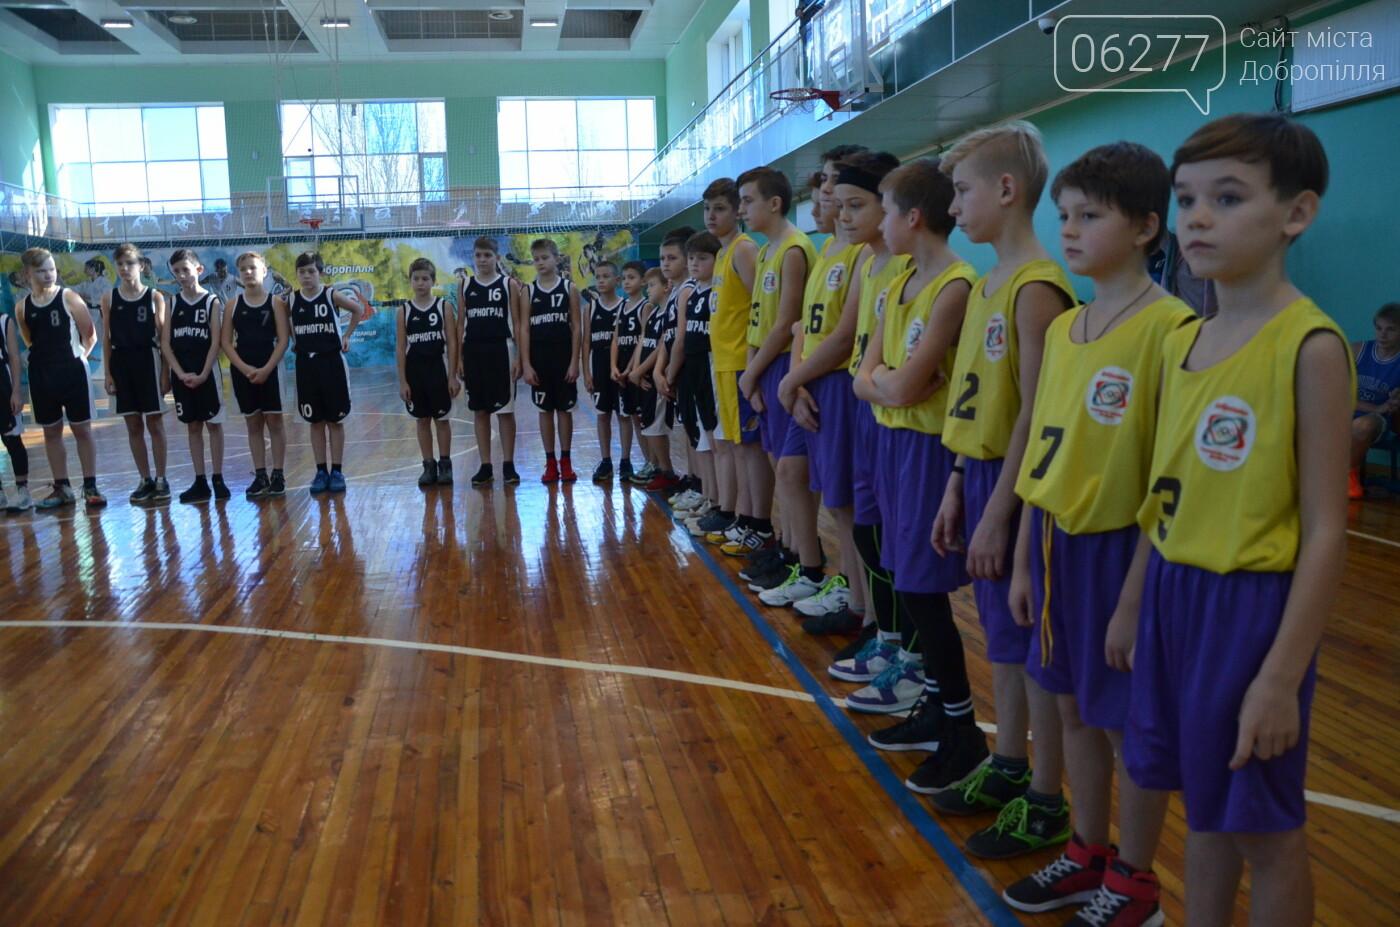 Відкрита Першість ДЮСШ з баскетболу відбулась у Добропіллі, фото-2